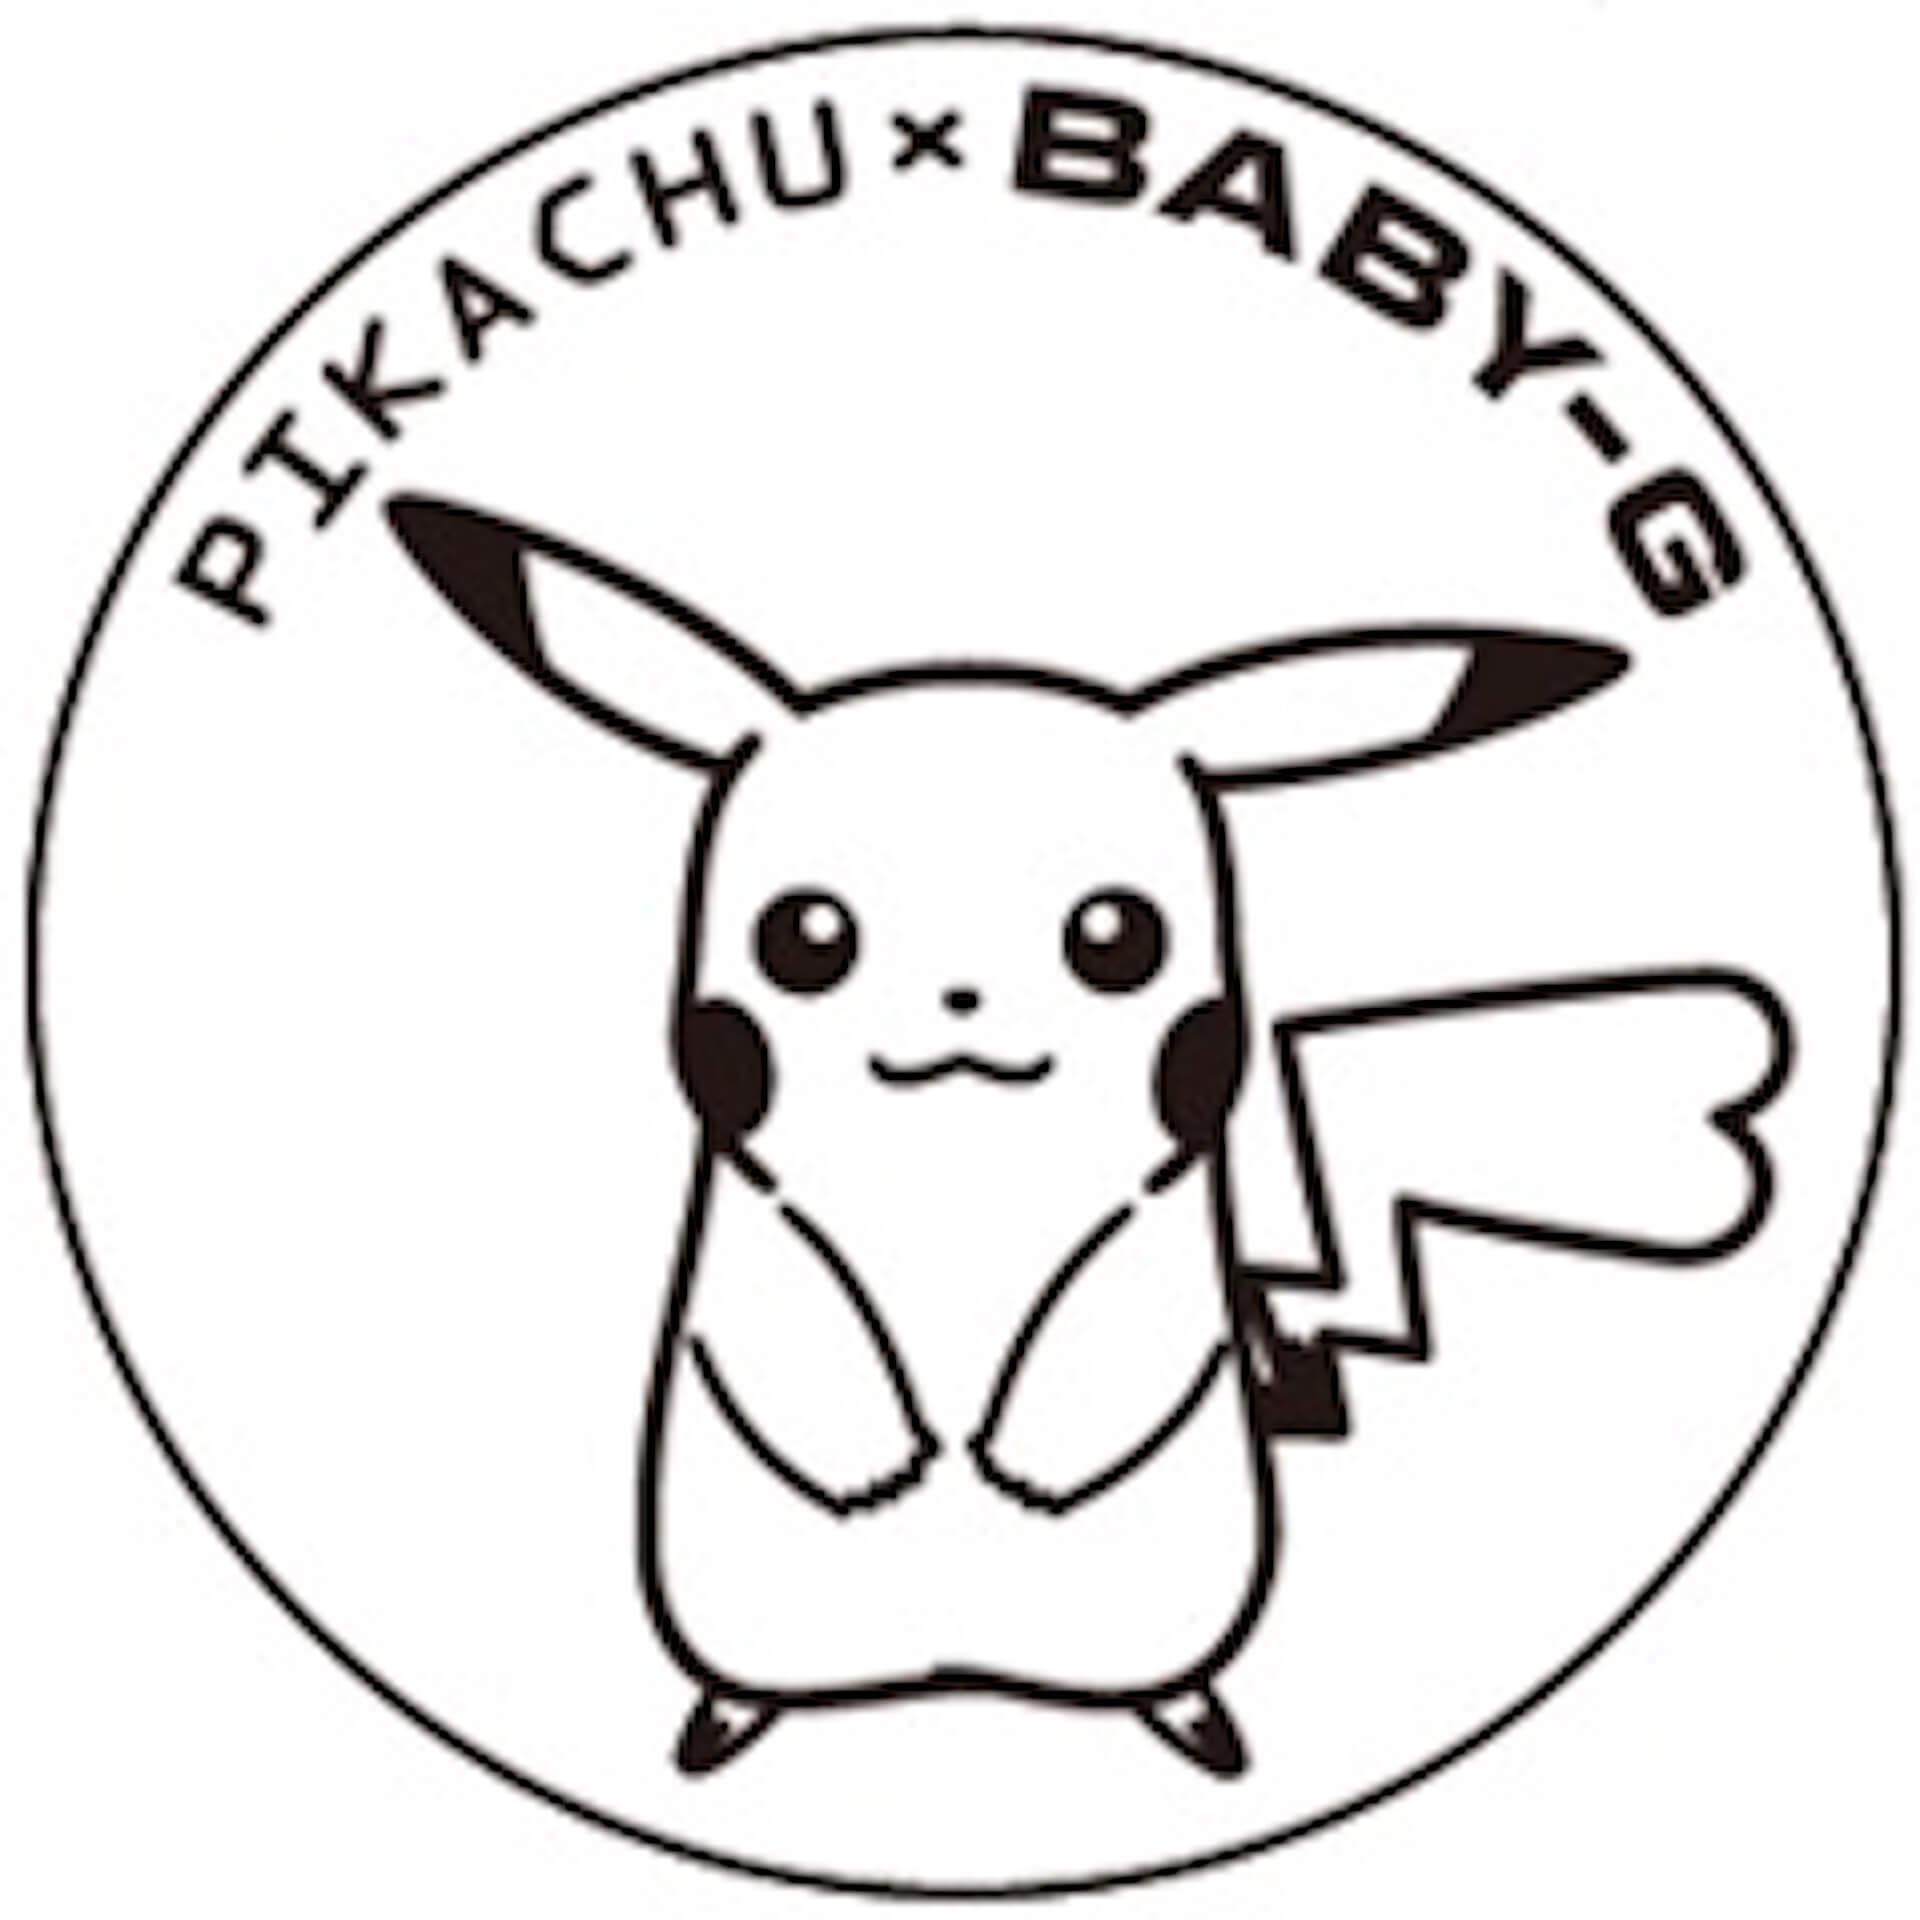 『ポケモン』ピカチュウとBABY-Gのコラボ第2弾が実現!アウトドアをテーマにしたアナデジコンビモデルが登場 life210120_babyg_pokemon_2